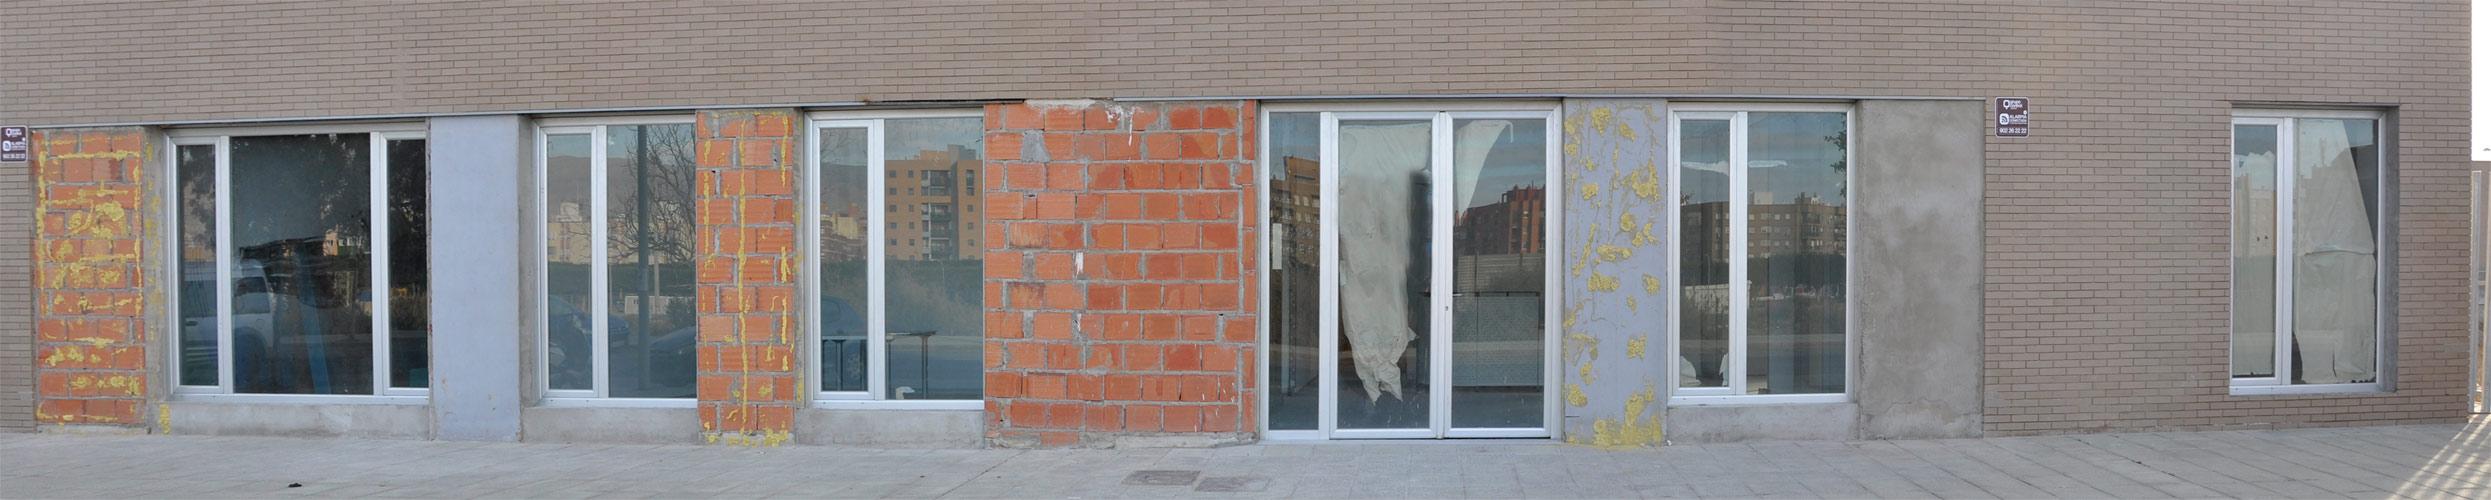 reformas locales almeria